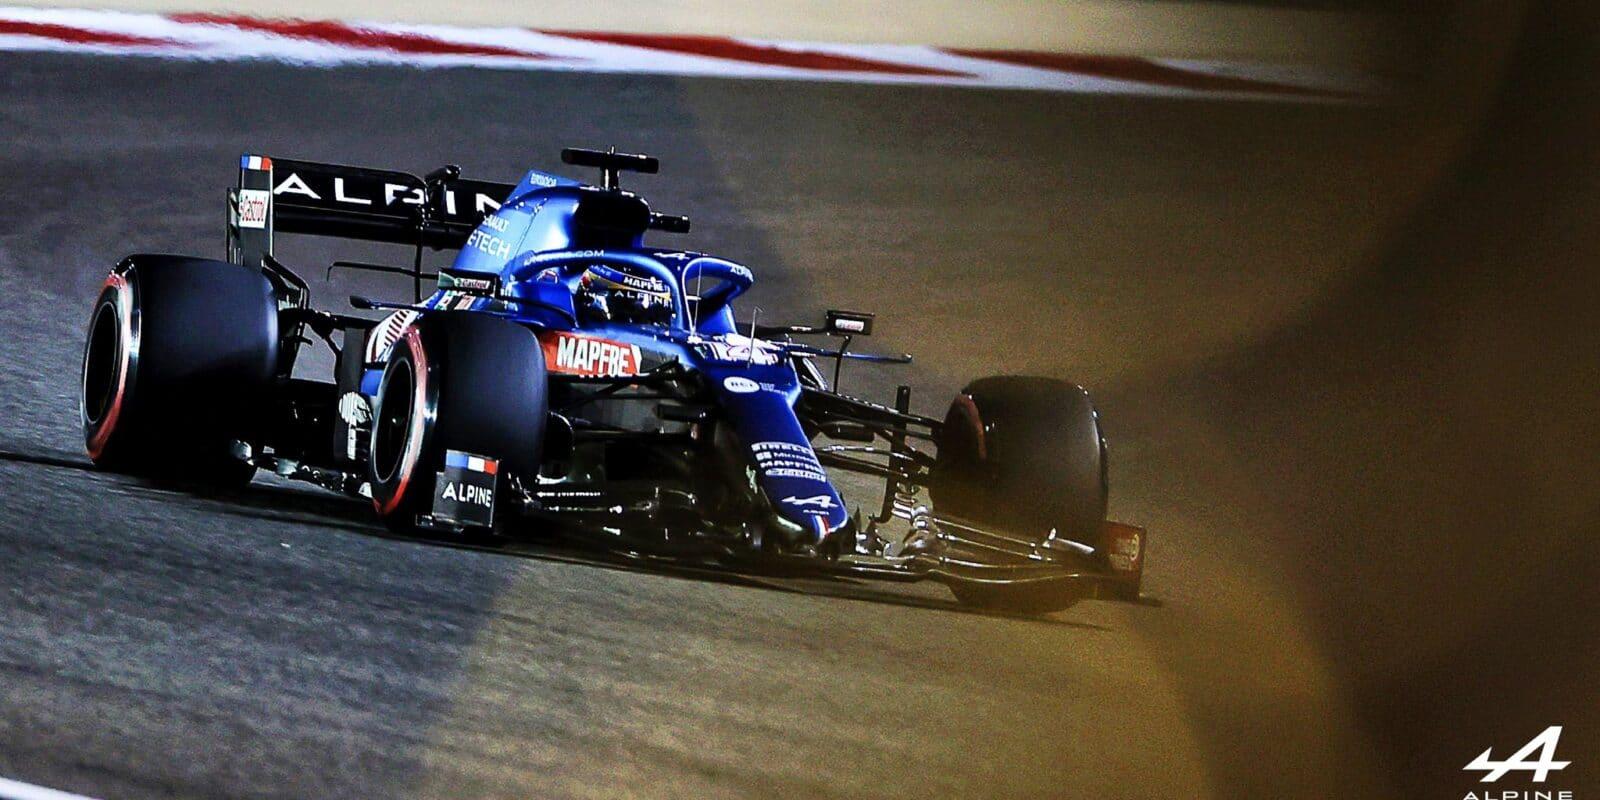 Sebekritický Alonso o svém návratu do formule 1